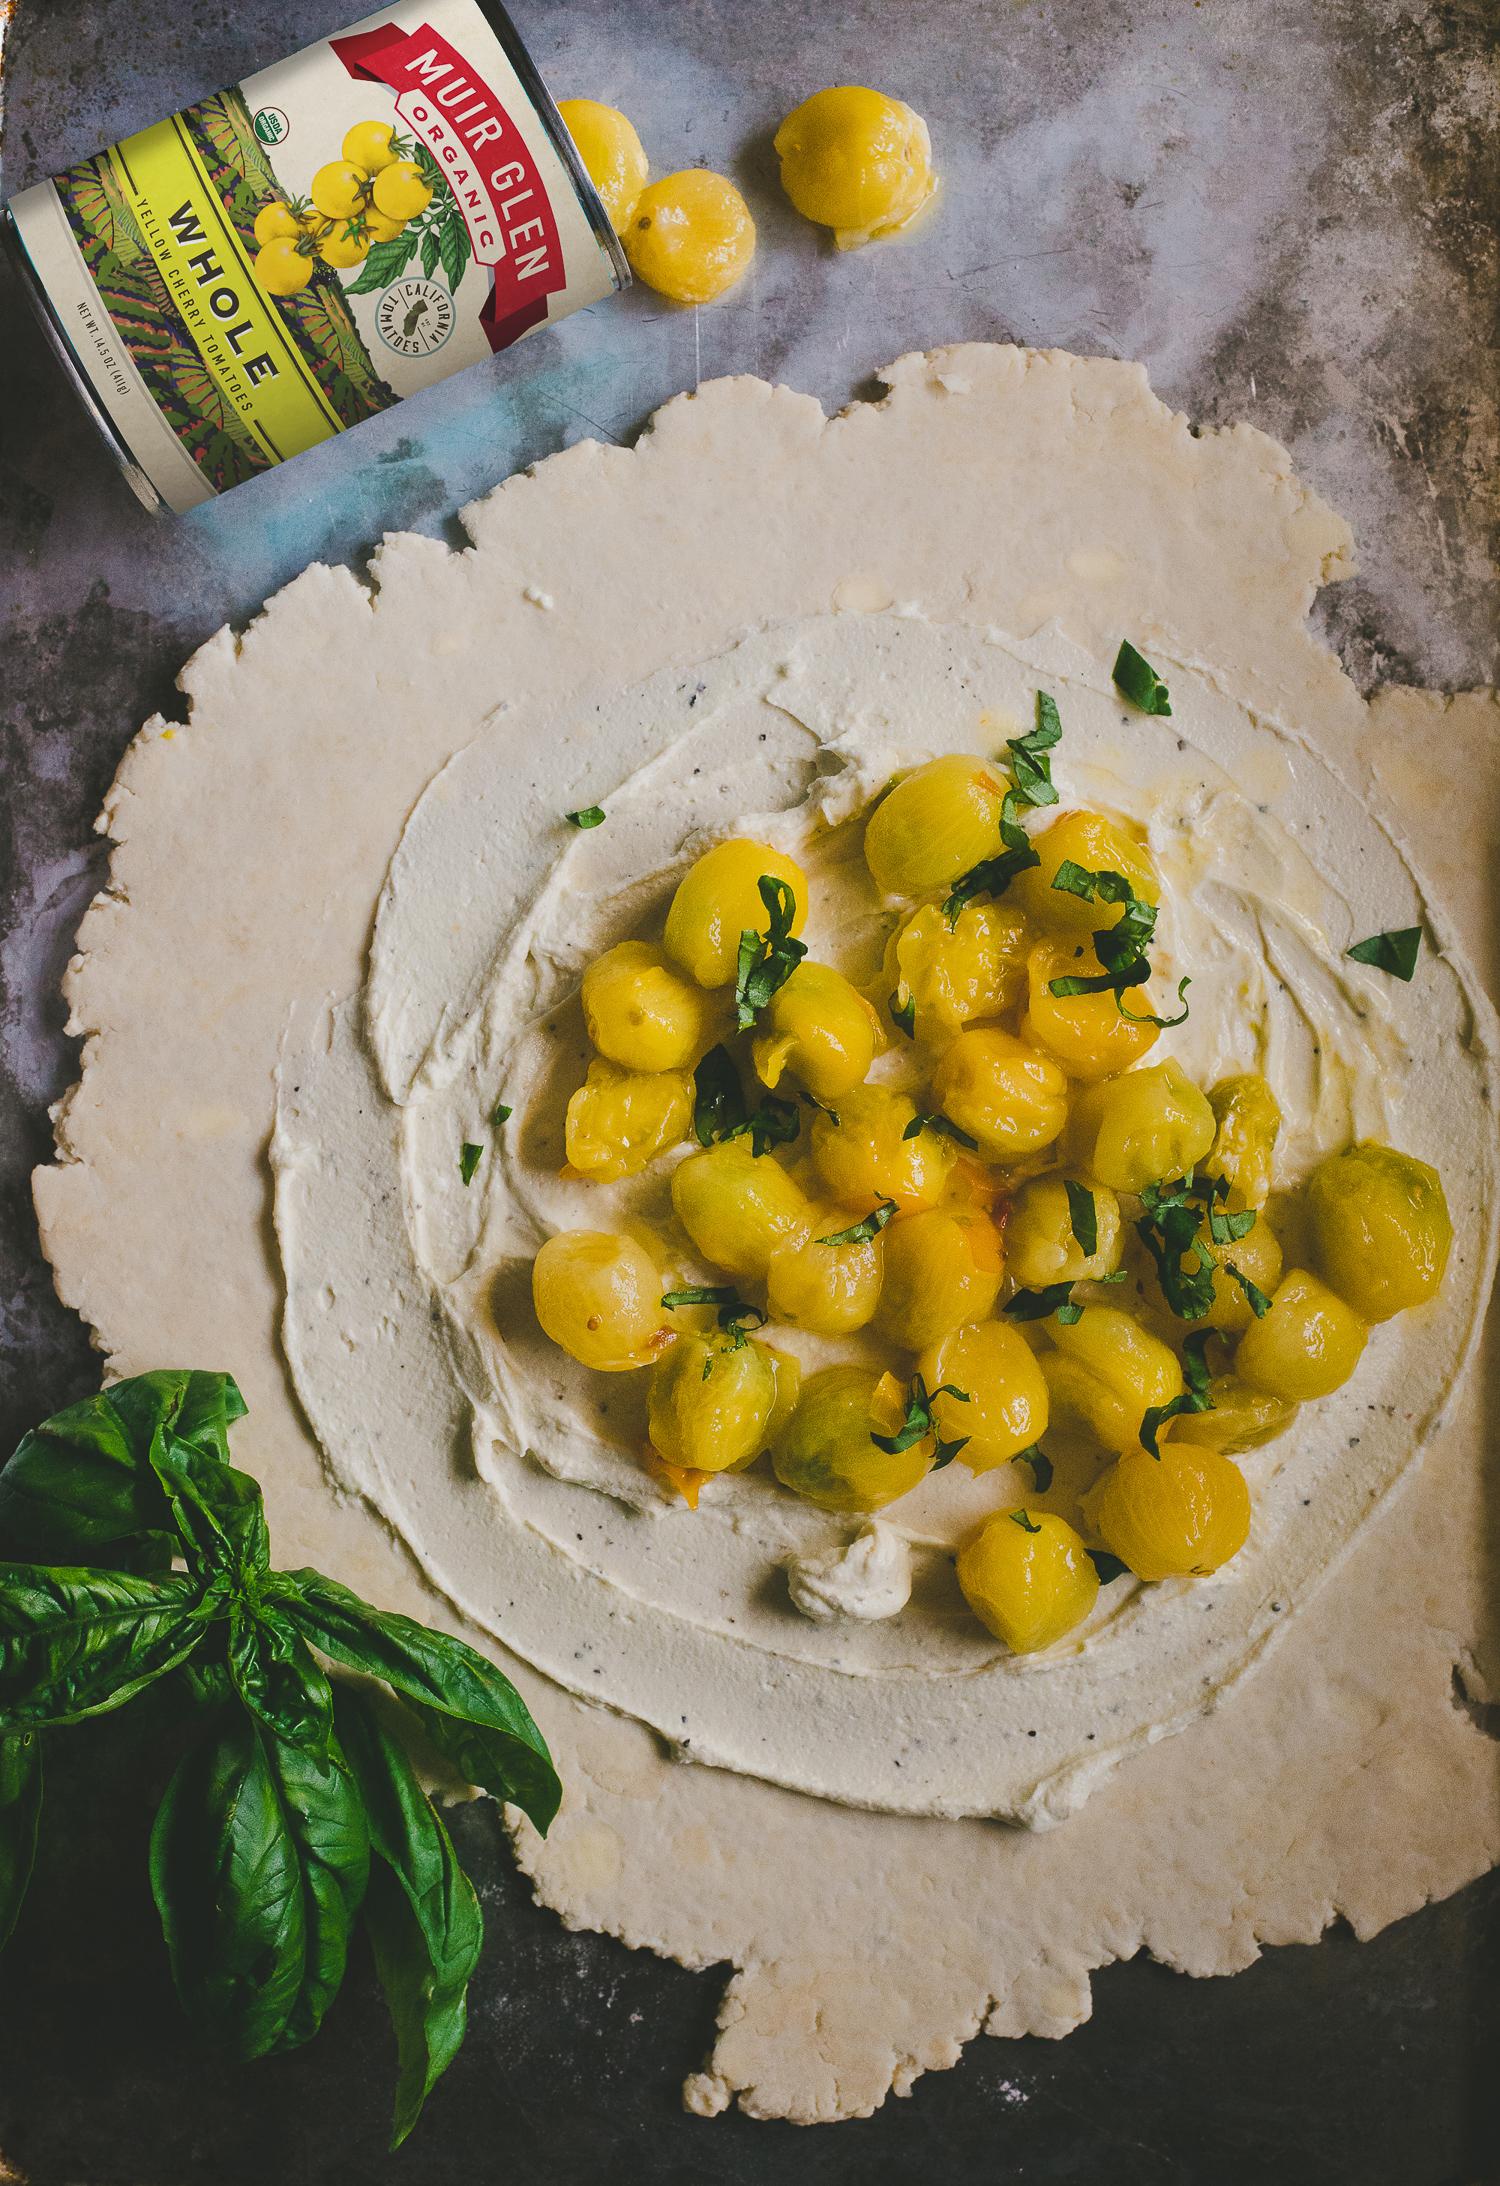 muir_glen_tomatoes-54_yellow.jpg